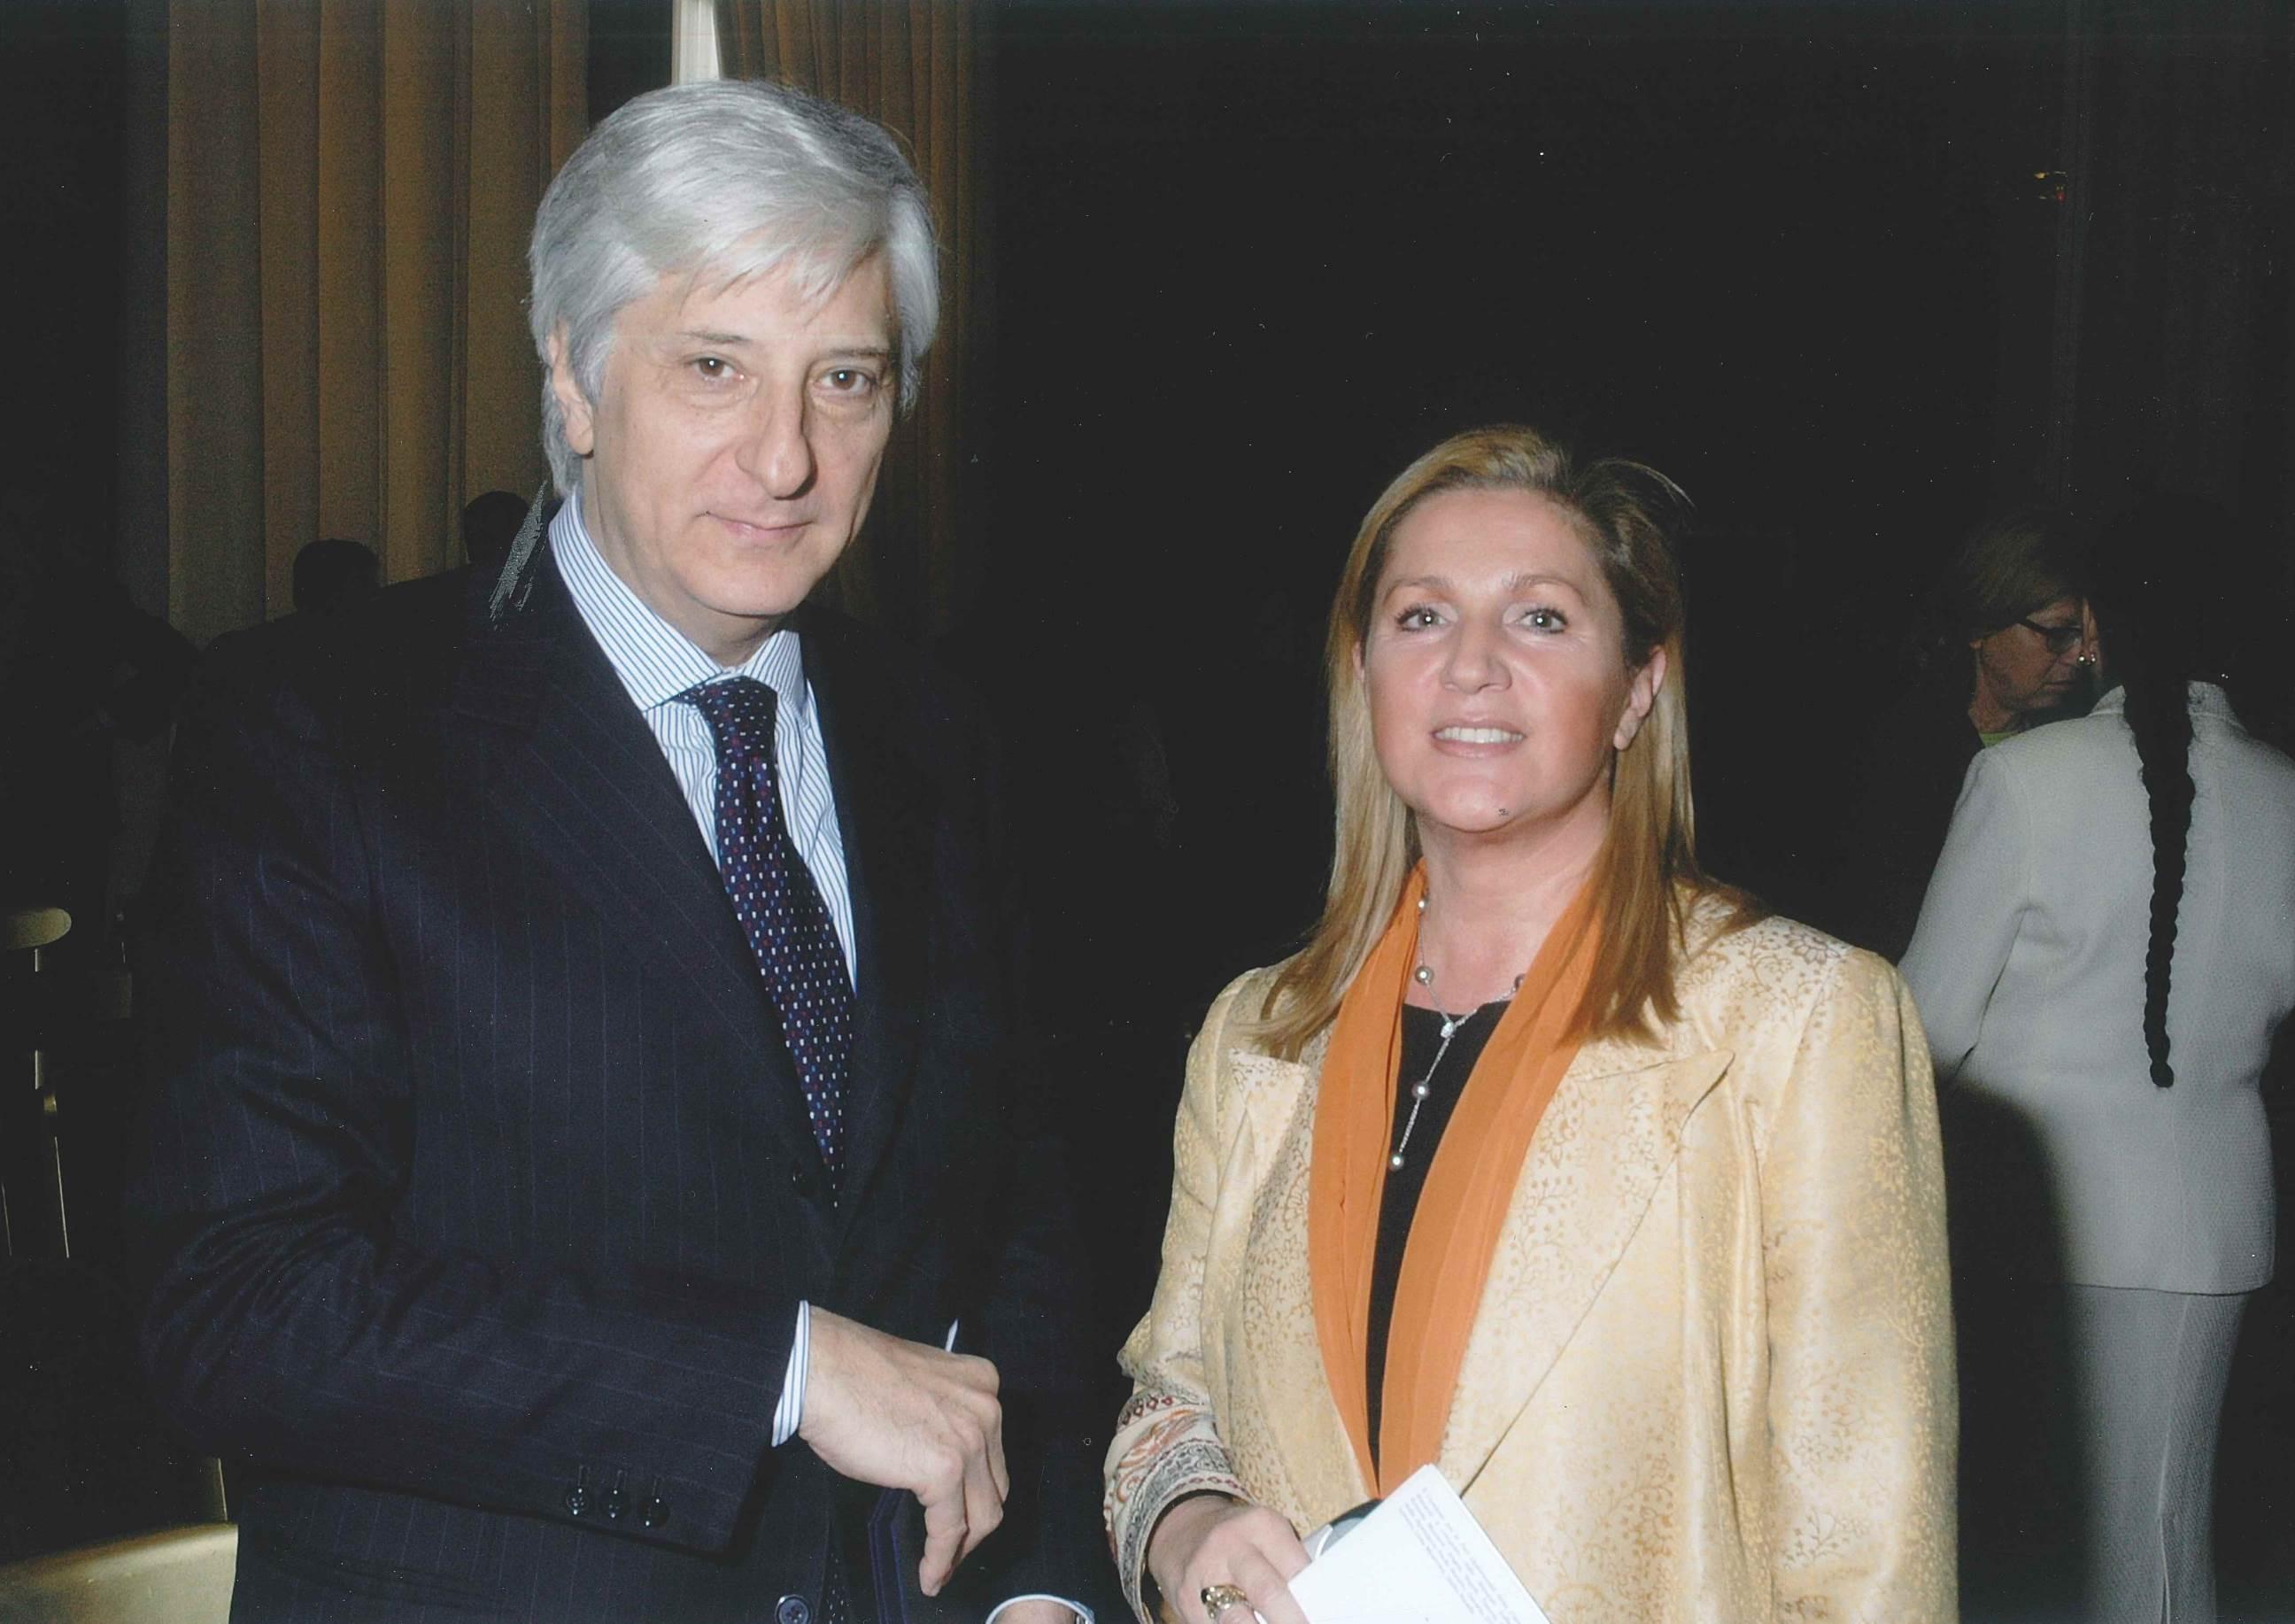 Roma, Camera dei Deputati, 24 novembre 2005 - Segretario Generale Ugo Zampetti